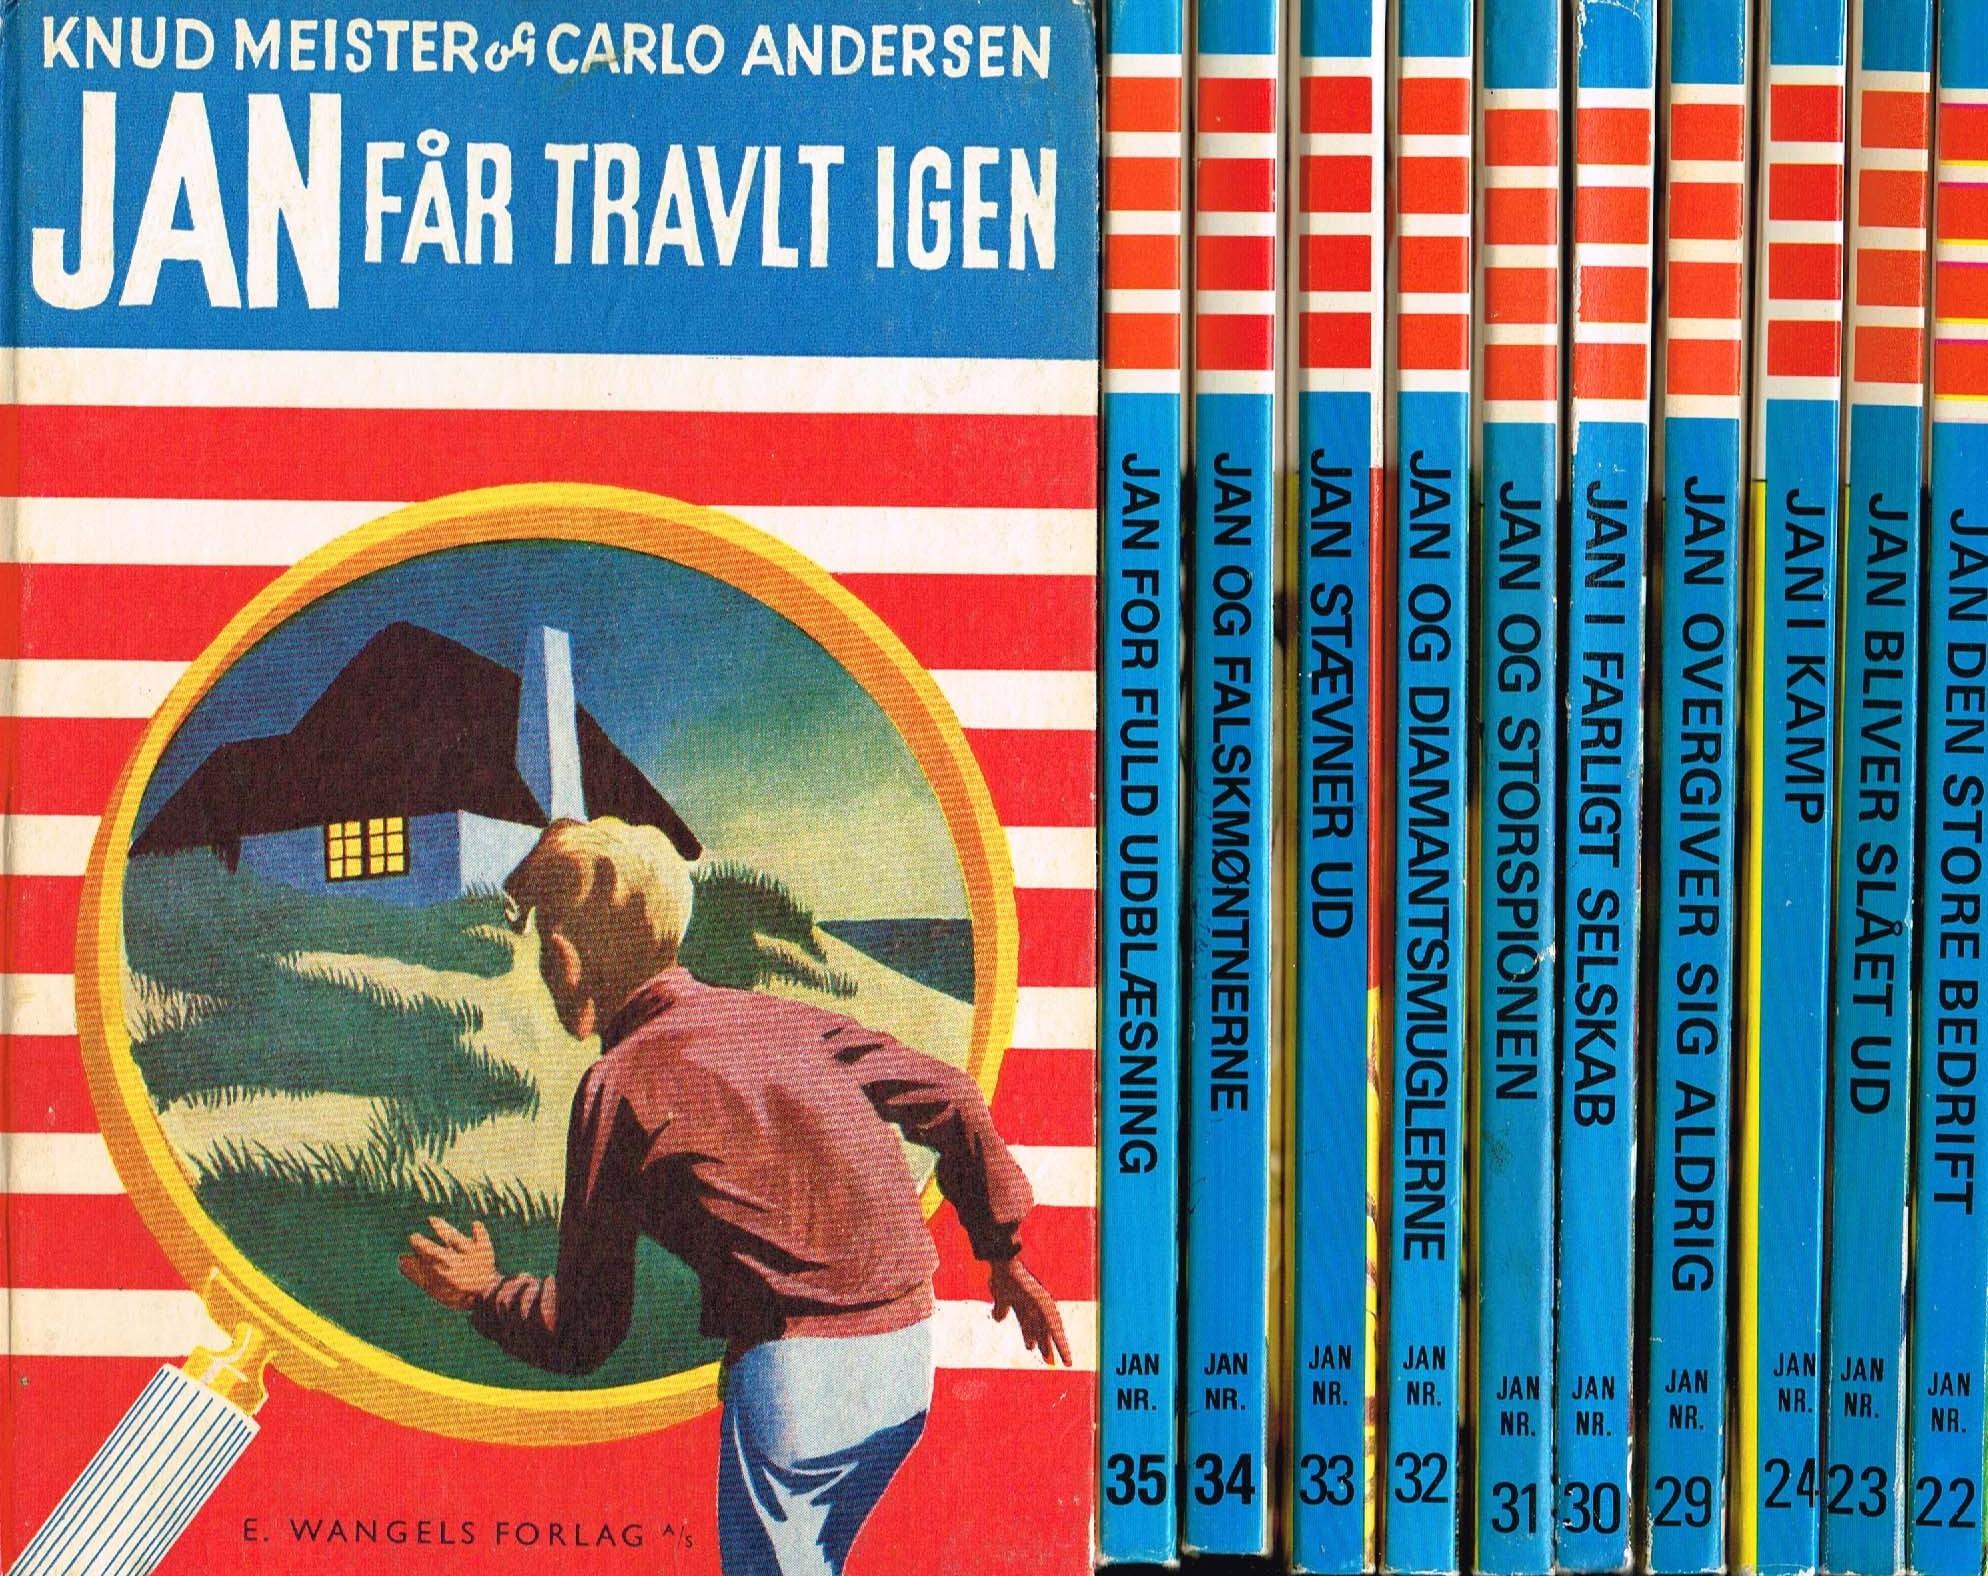 Jan-bøgerne Knud Meister og Carlo Andersen